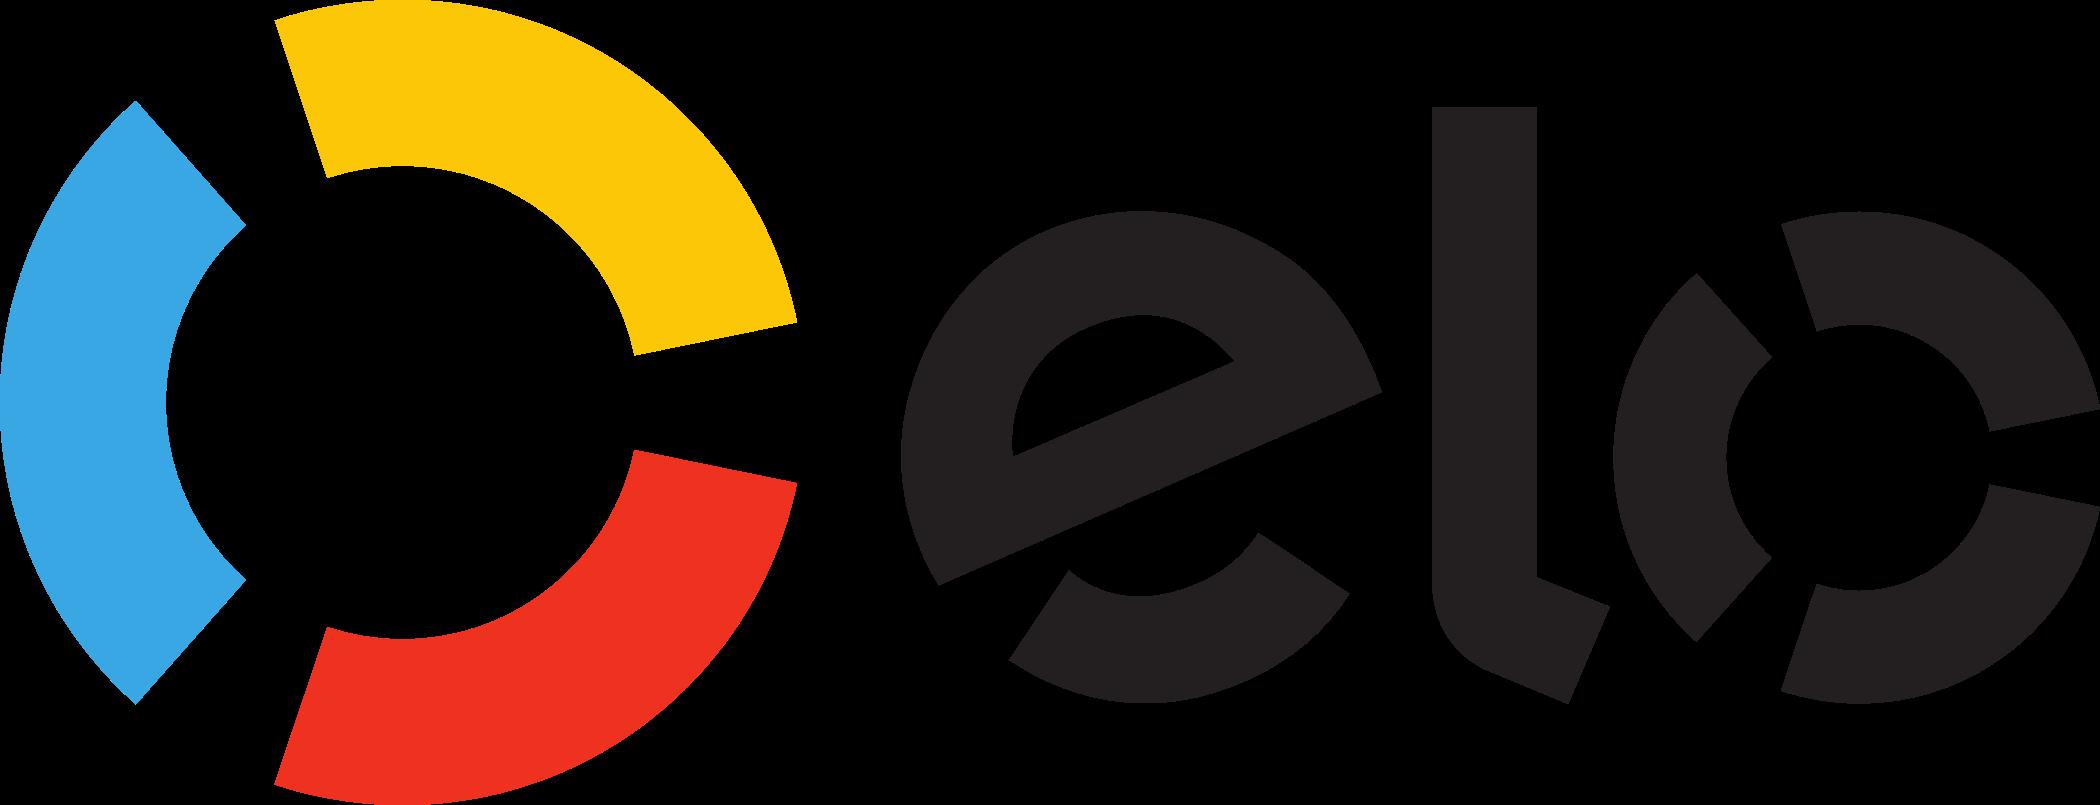 elo-logo-5